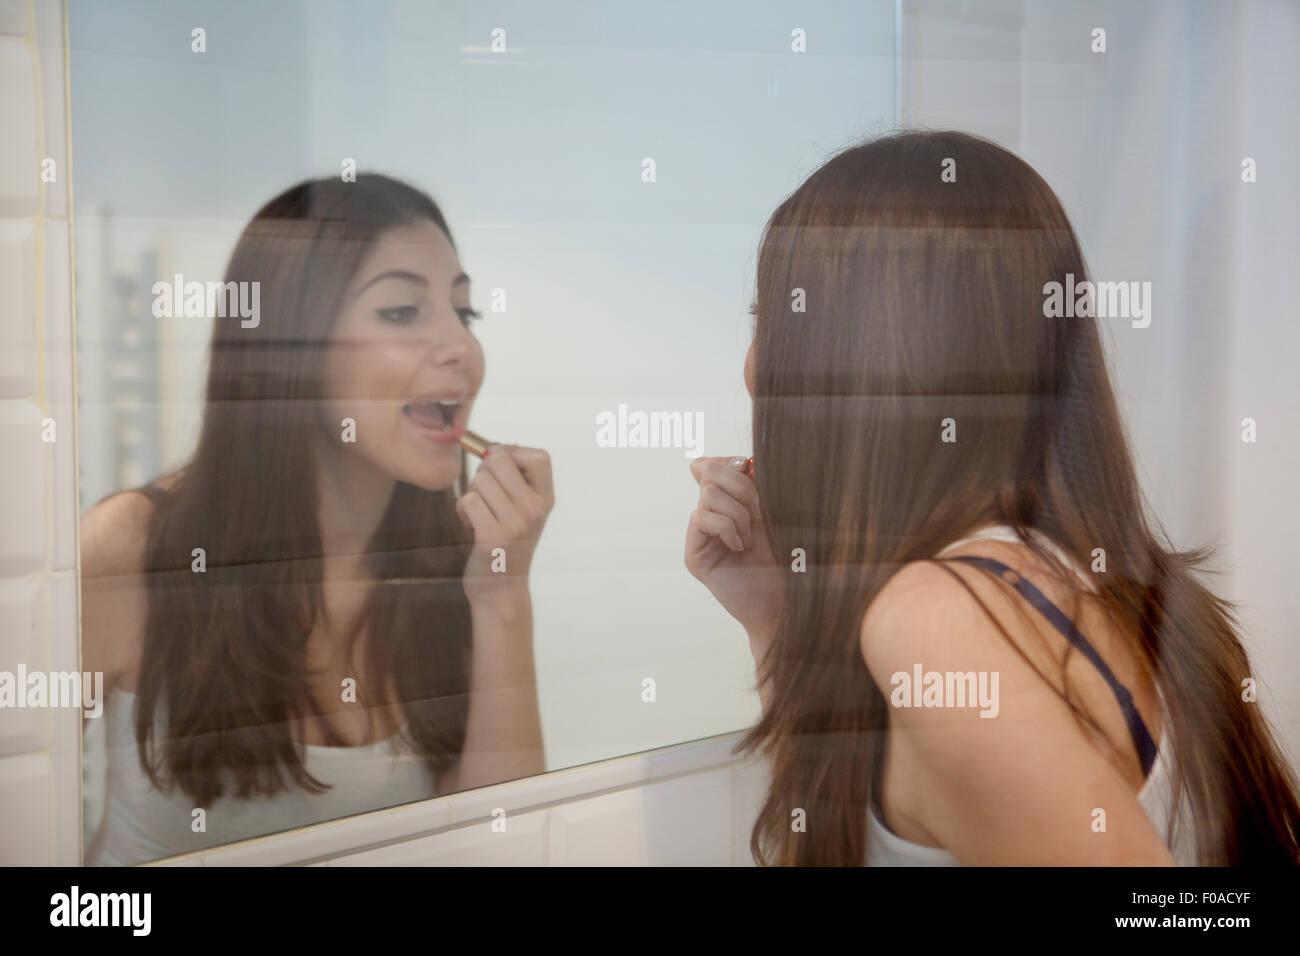 Adulto joven mujer aplicar maquillaje en el espejo Imagen De Stock